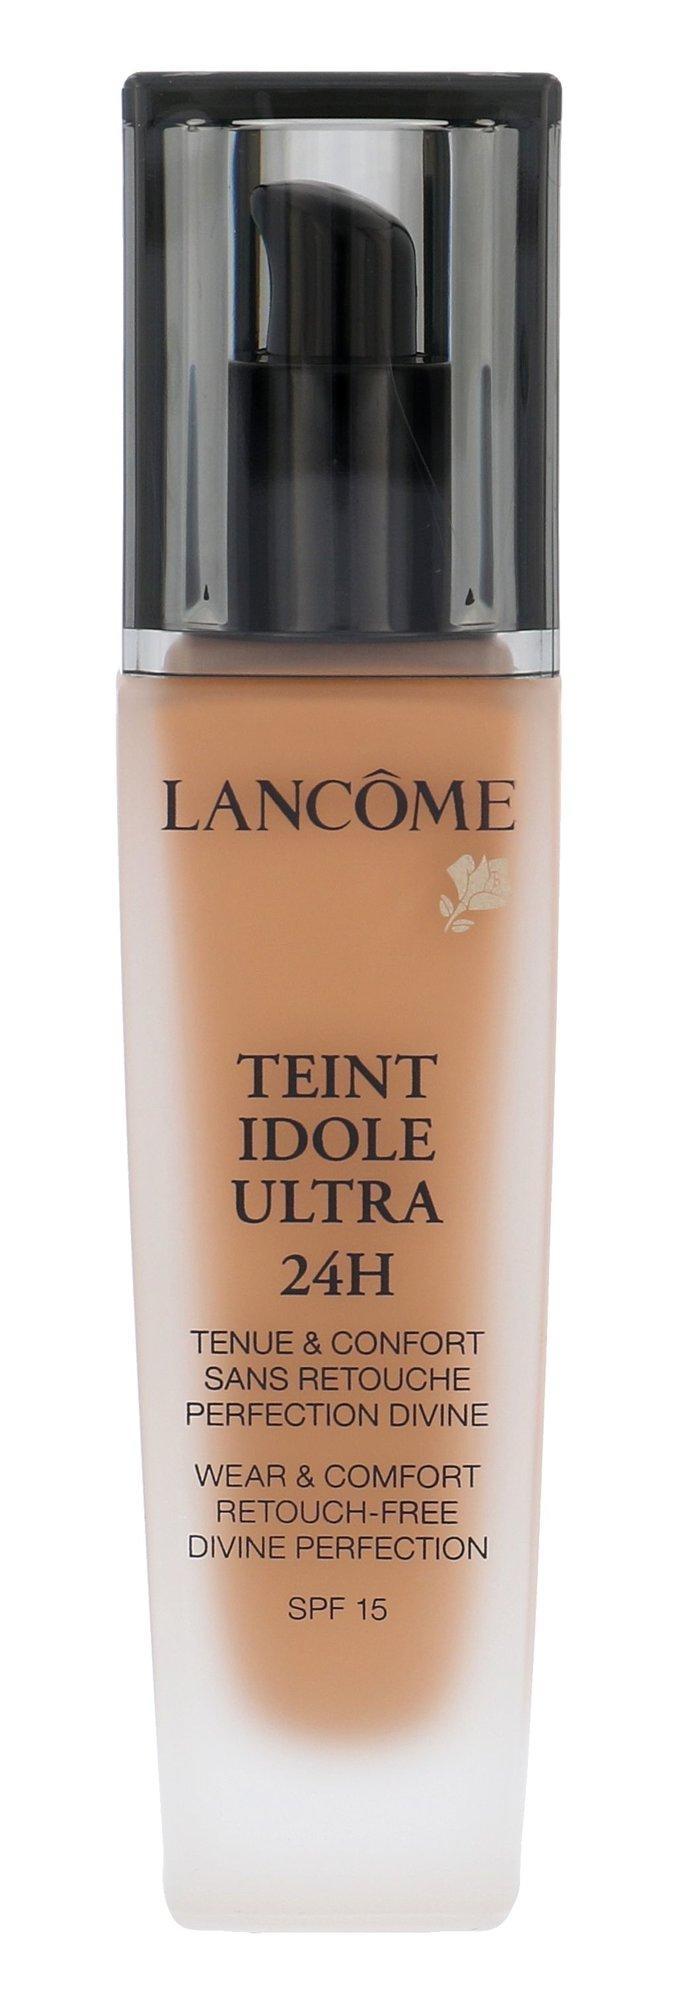 Lancôme Teint Idole Ultra Cosmetic 30ml 06 Beige Cannelle